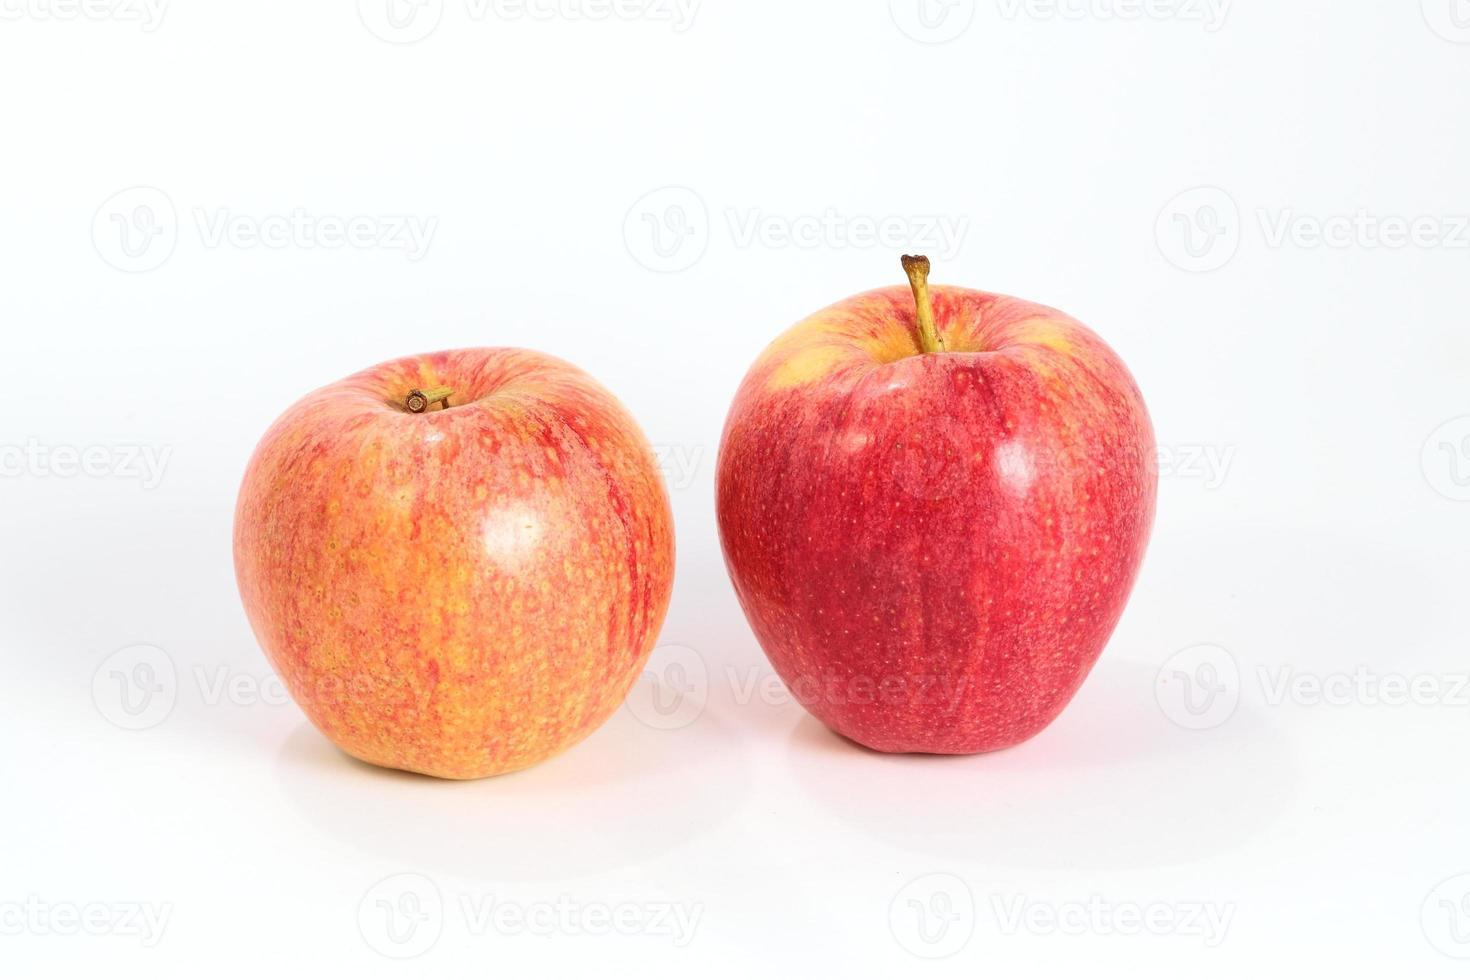 par de maçãs vermelhas foto